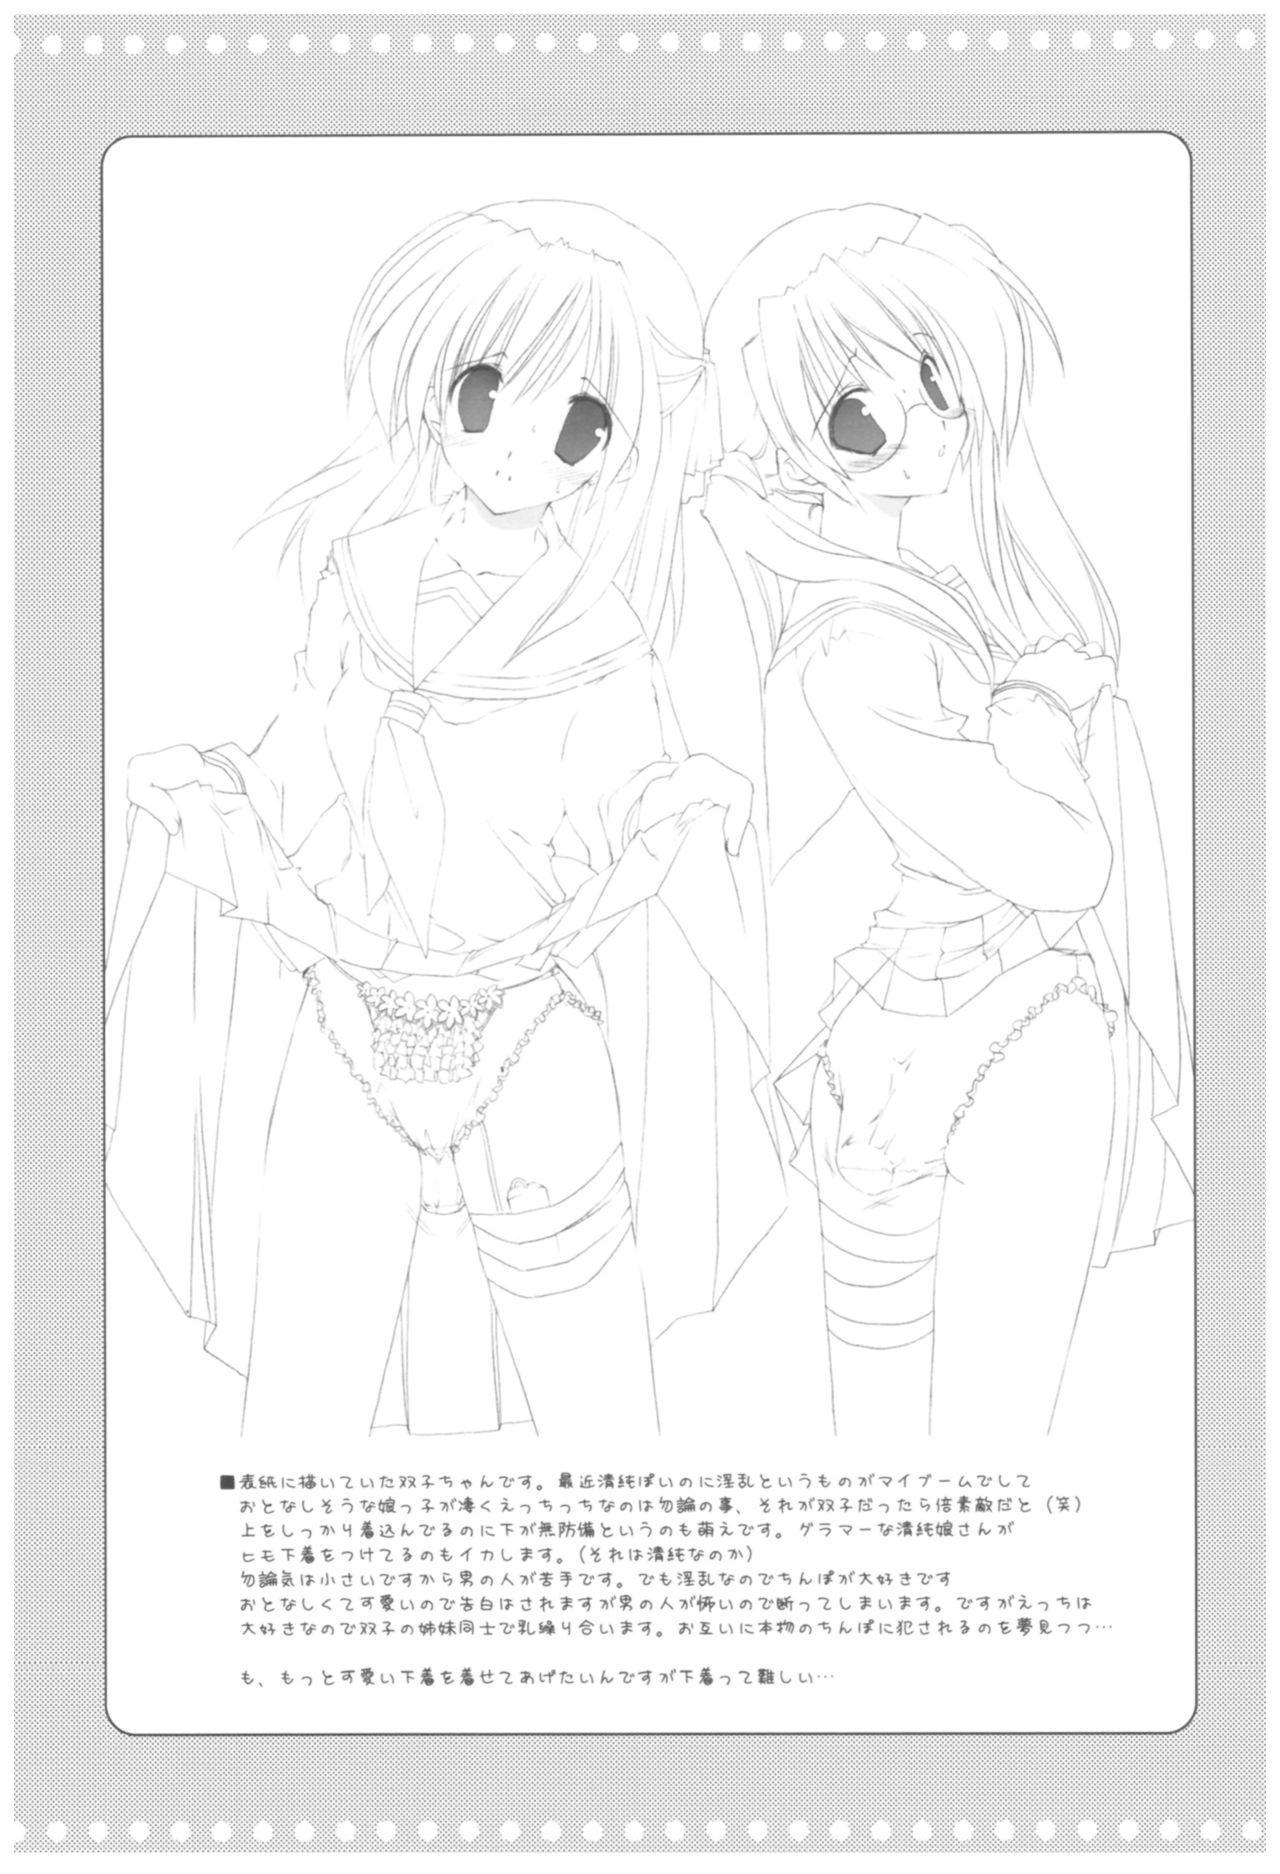 Naedoko Ikusei Kansatsu Kiroku 138